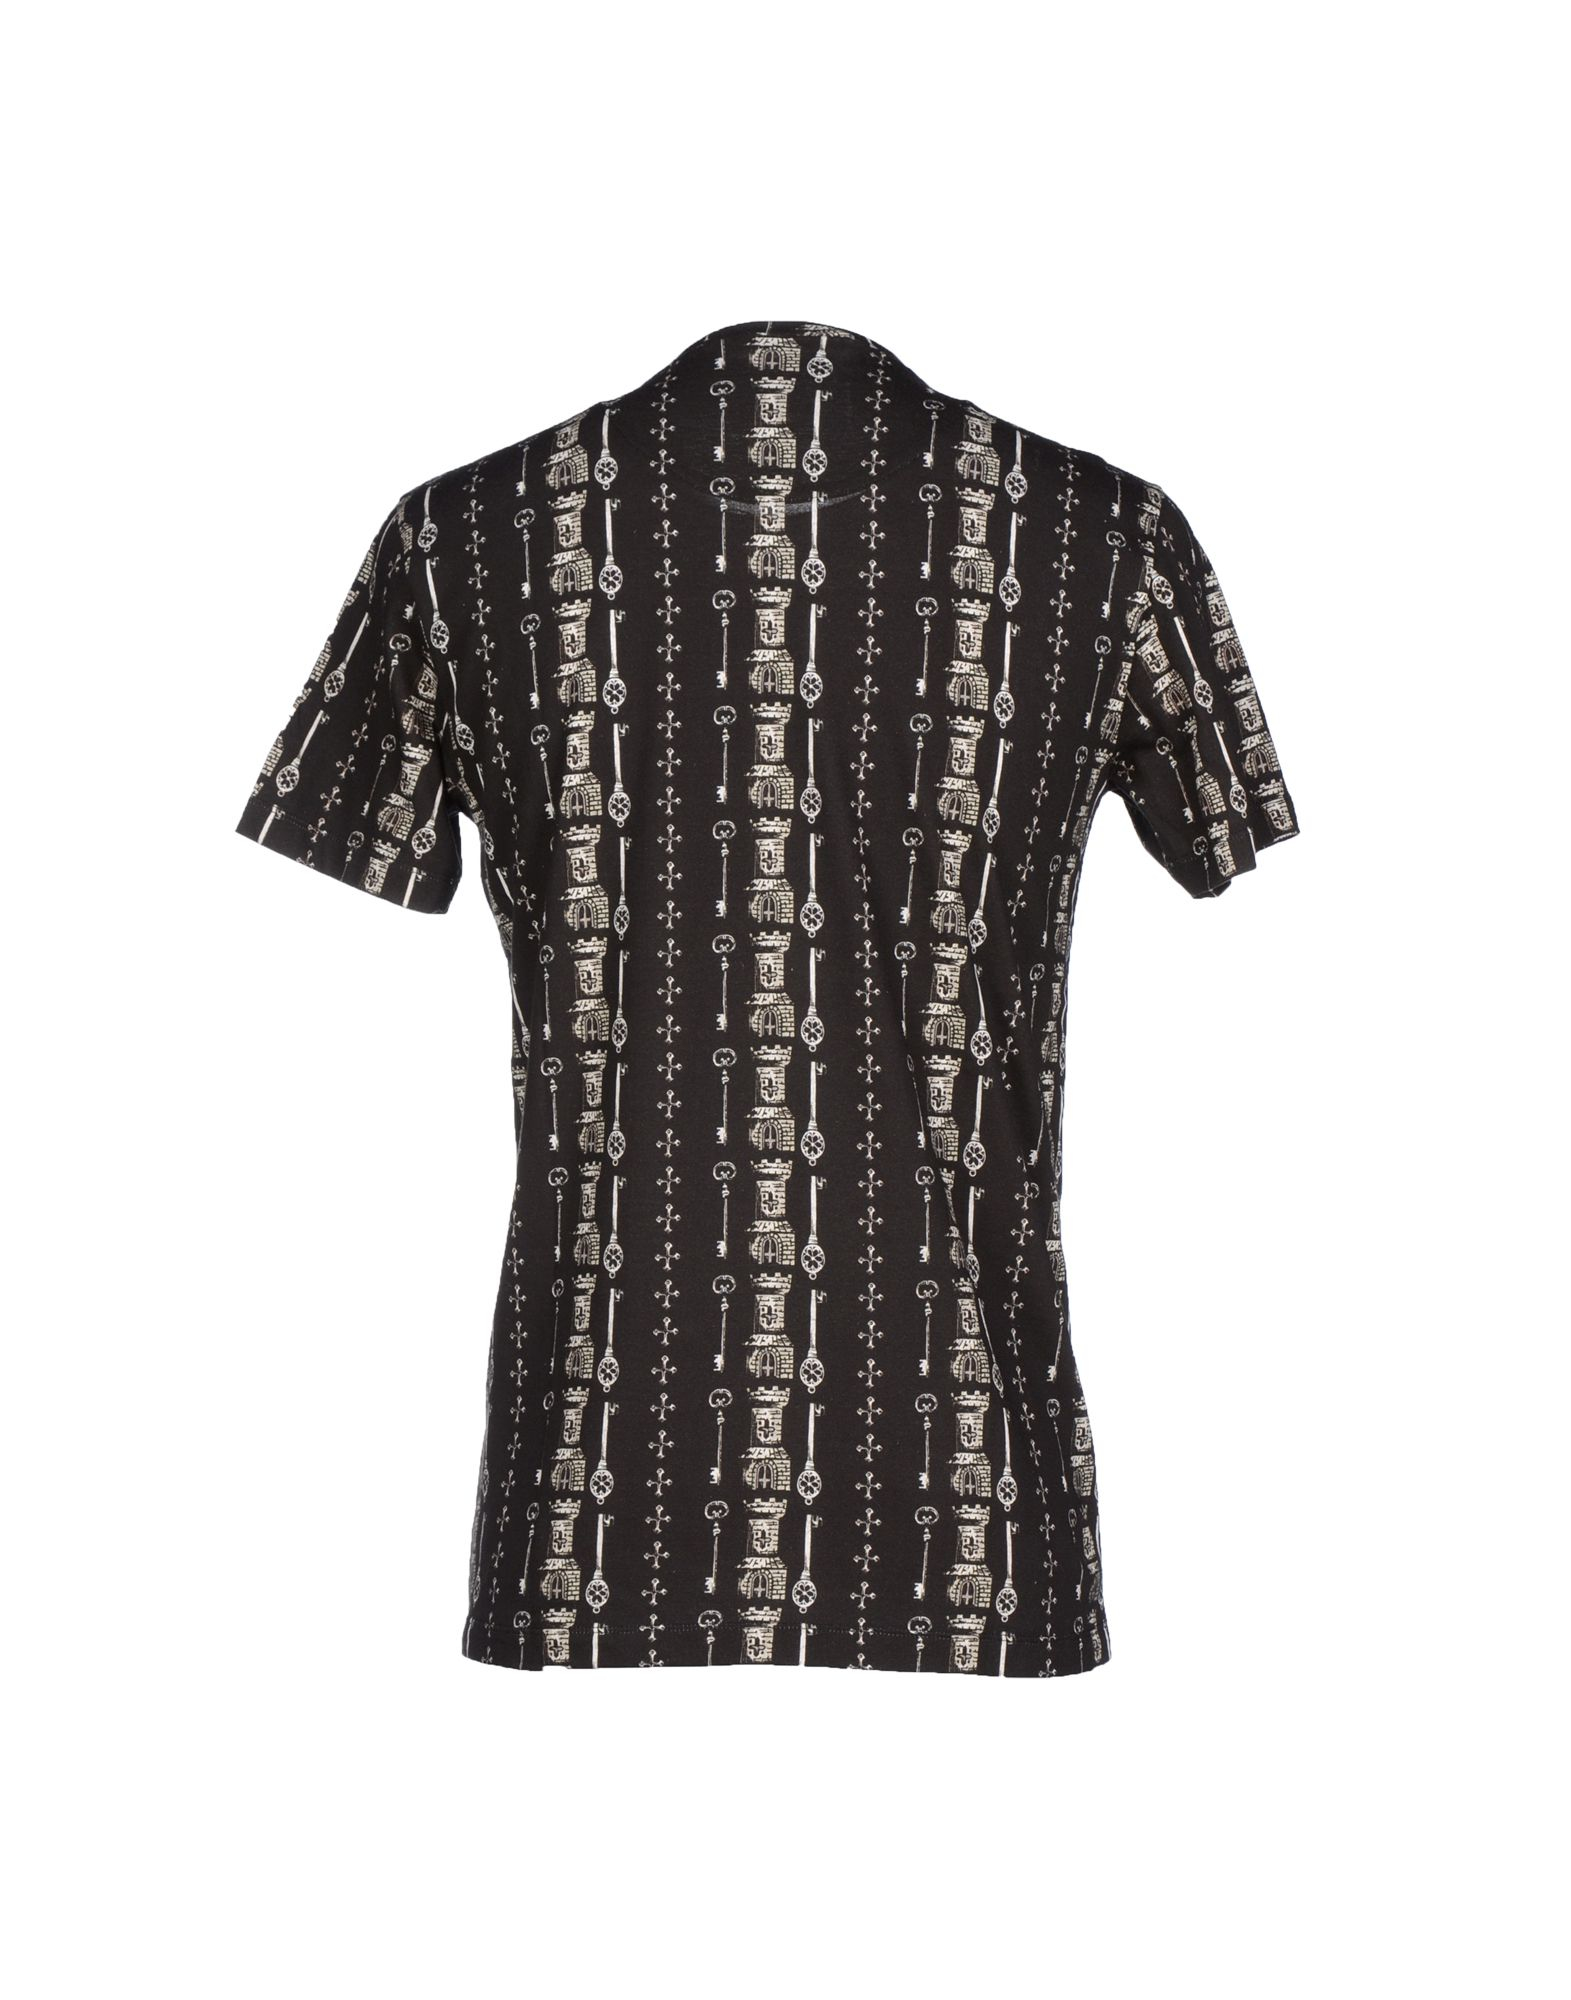 dolce gabbana t shirt in black for men lyst. Black Bedroom Furniture Sets. Home Design Ideas